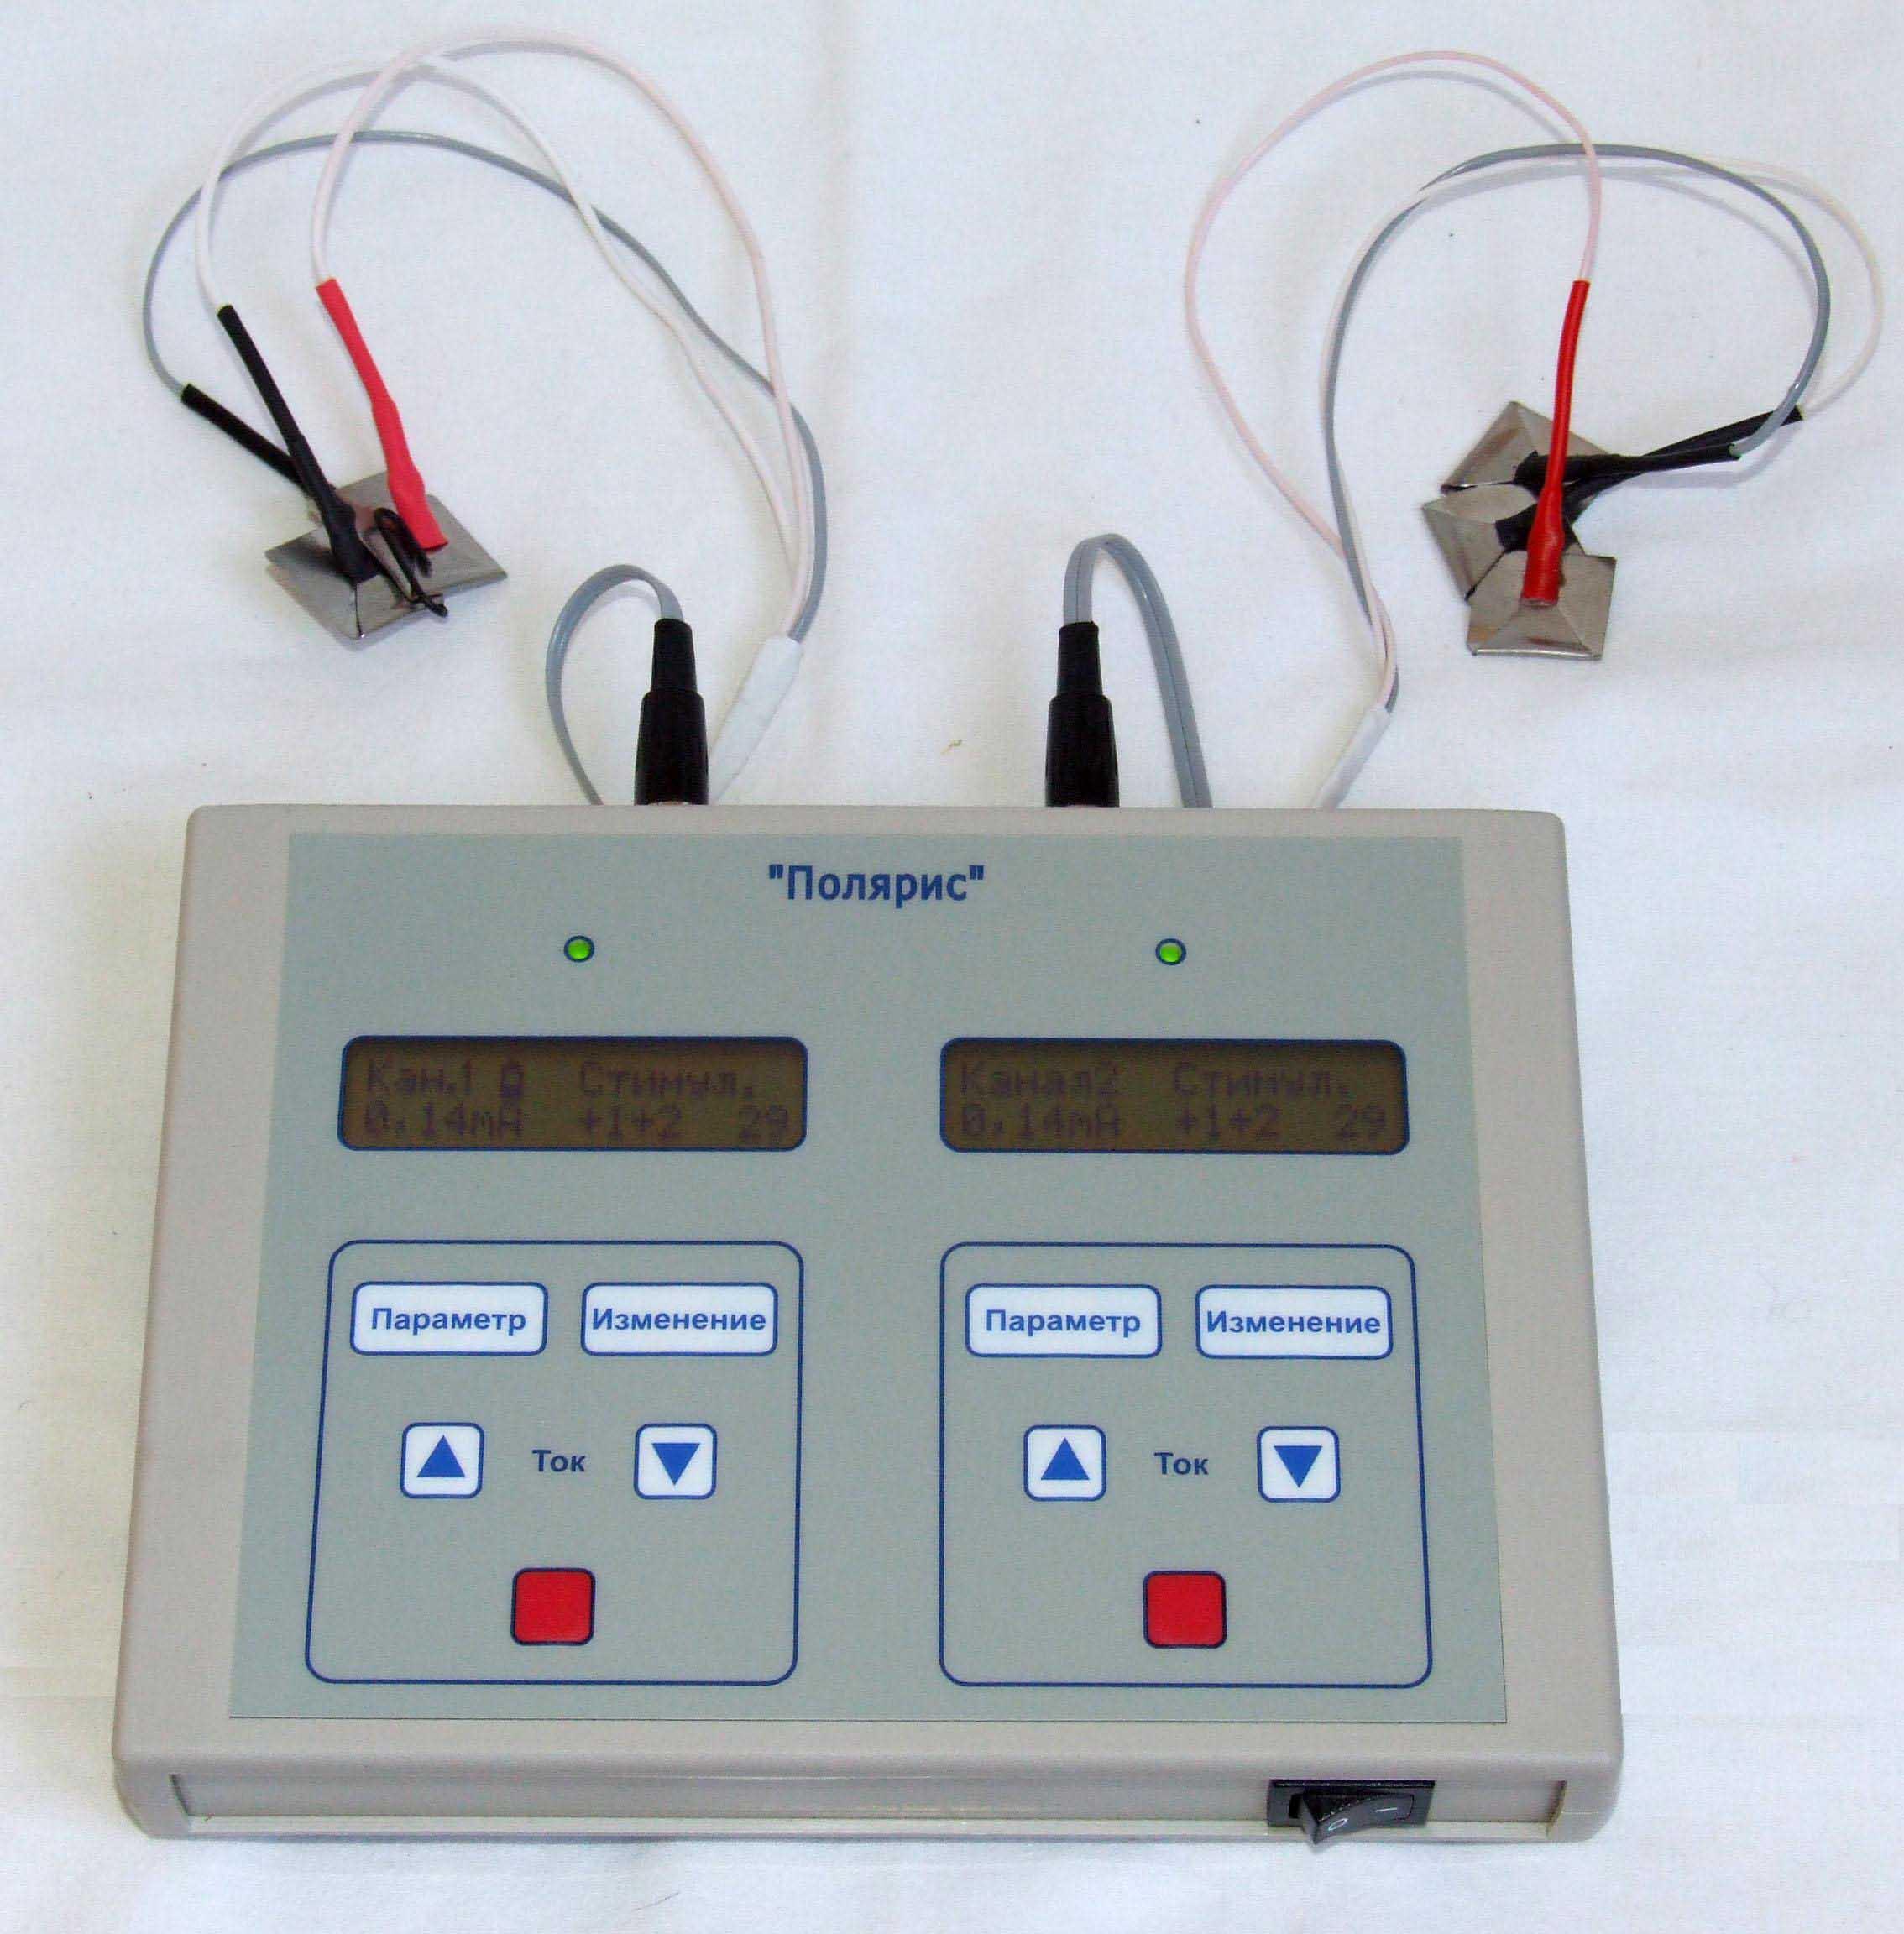 Аппарат Реамед-полярис для проведения микрополяризации мозга.